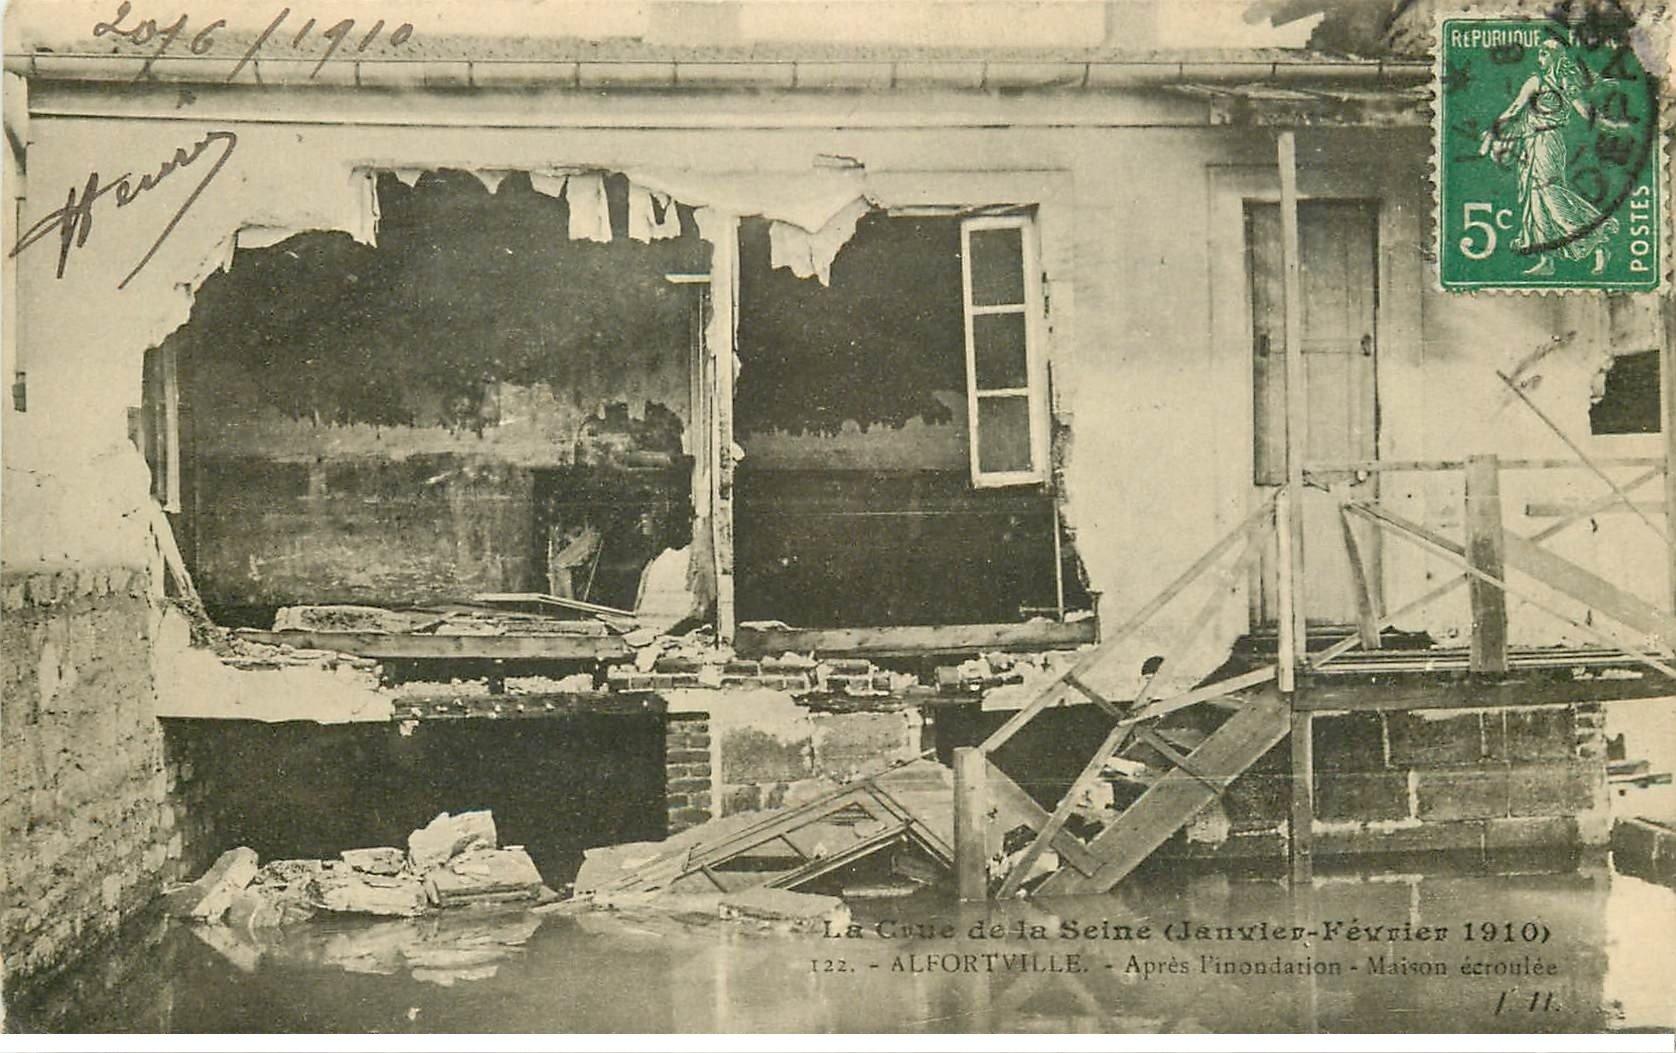 carte postale ancienne Inondation et Crue de 1910. ALFORTVILLE 94. Maison écroulée